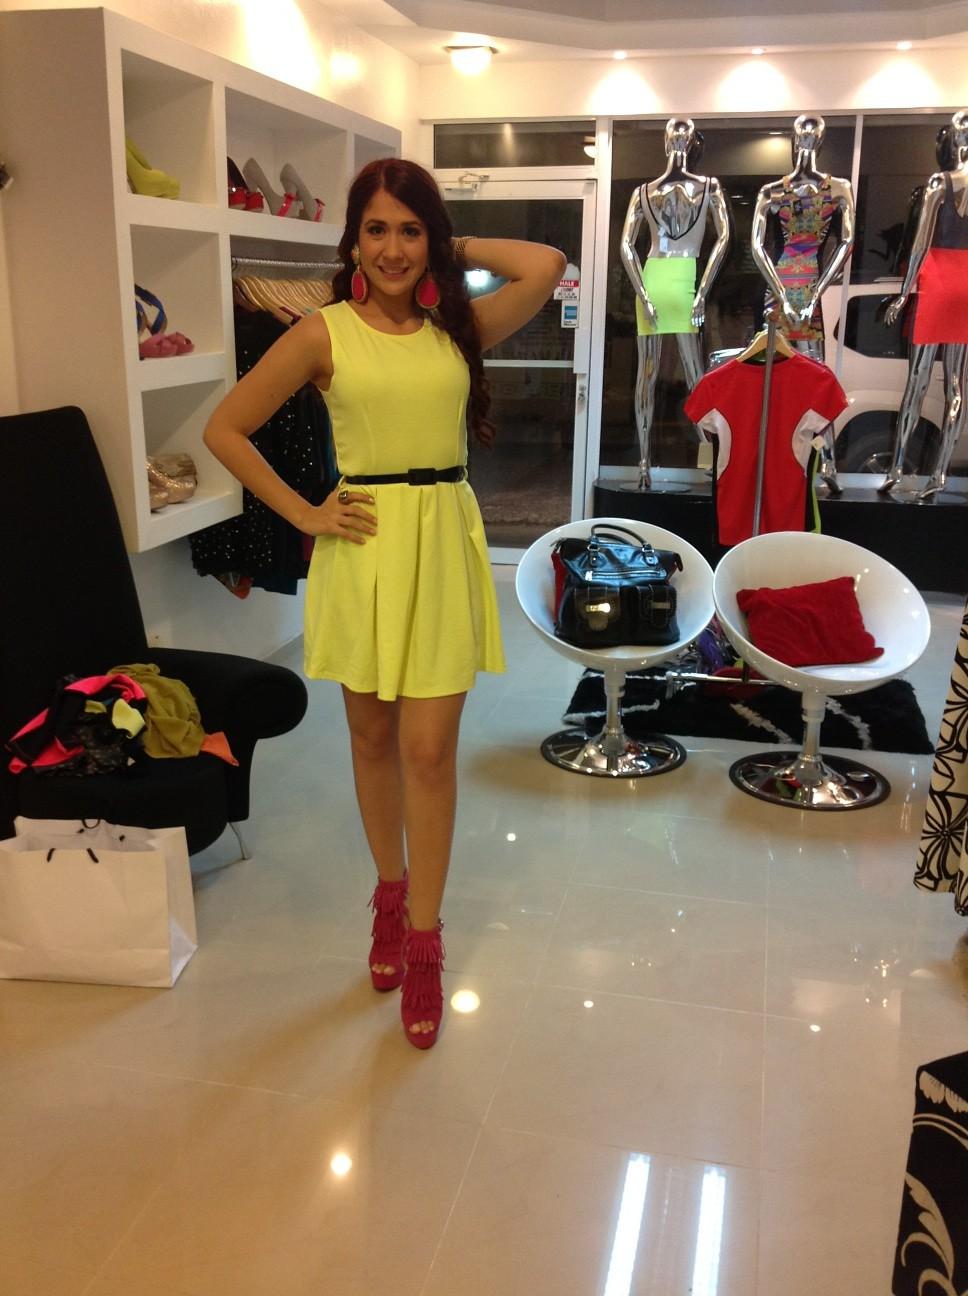 Look de hoy: vestido corte maria victoria disponibles en varios colores aretes hechos a manos bbpin 22EB60E7 http://t.co/b0QdmbAe